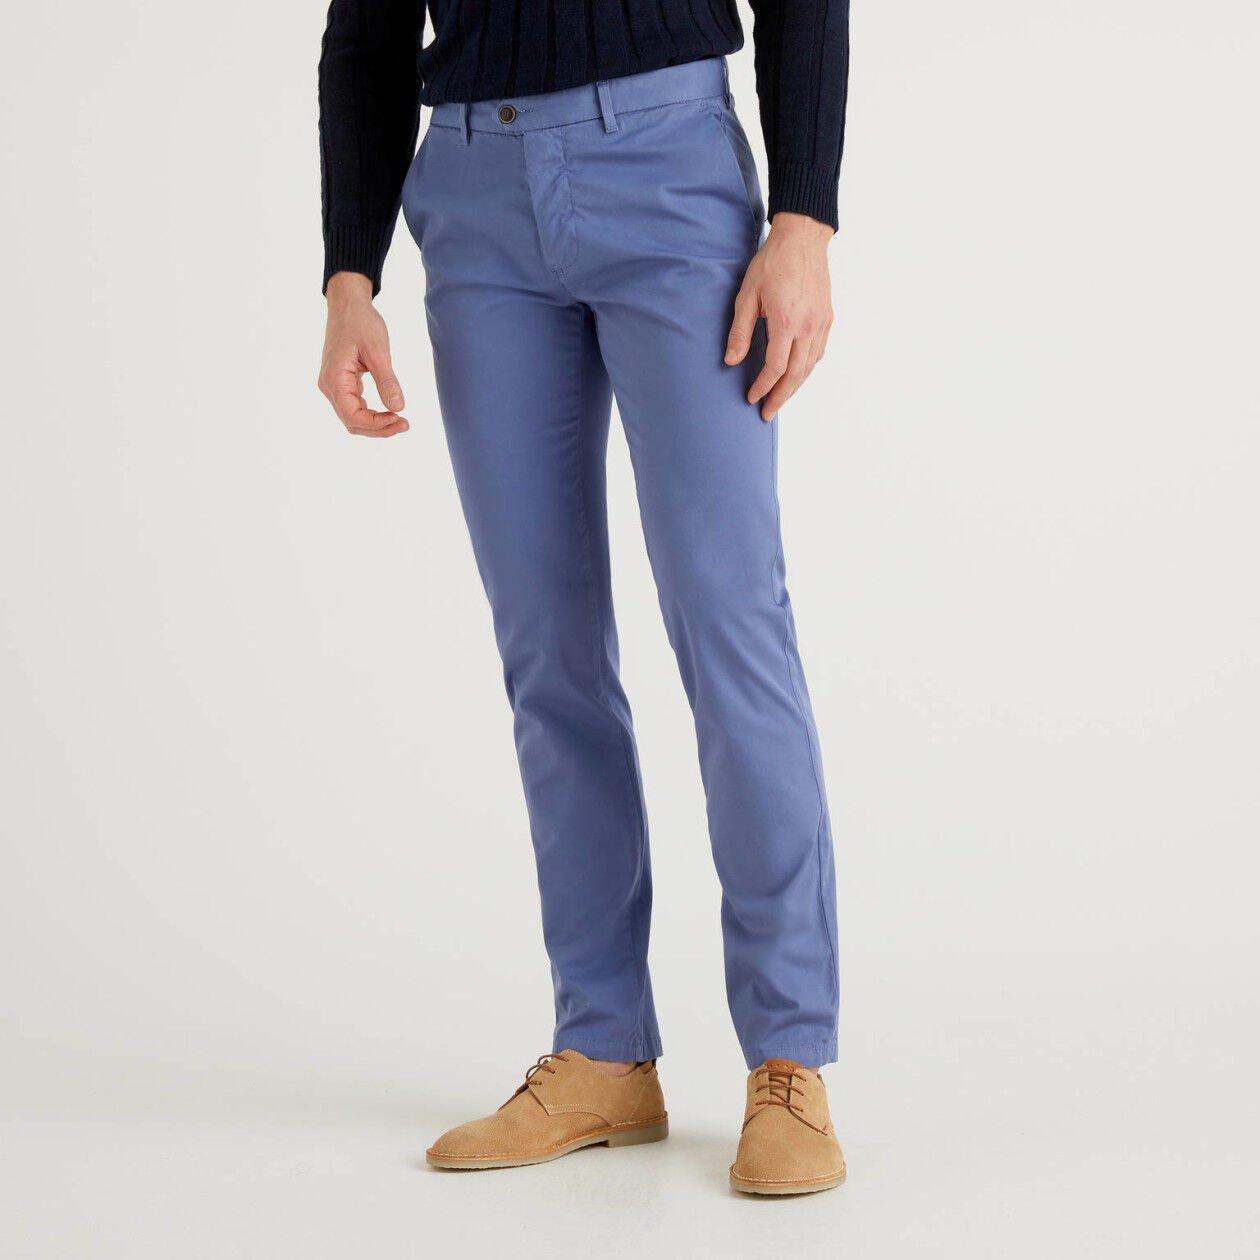 Pastellblaue, stretchige Chinos im Slim Fit